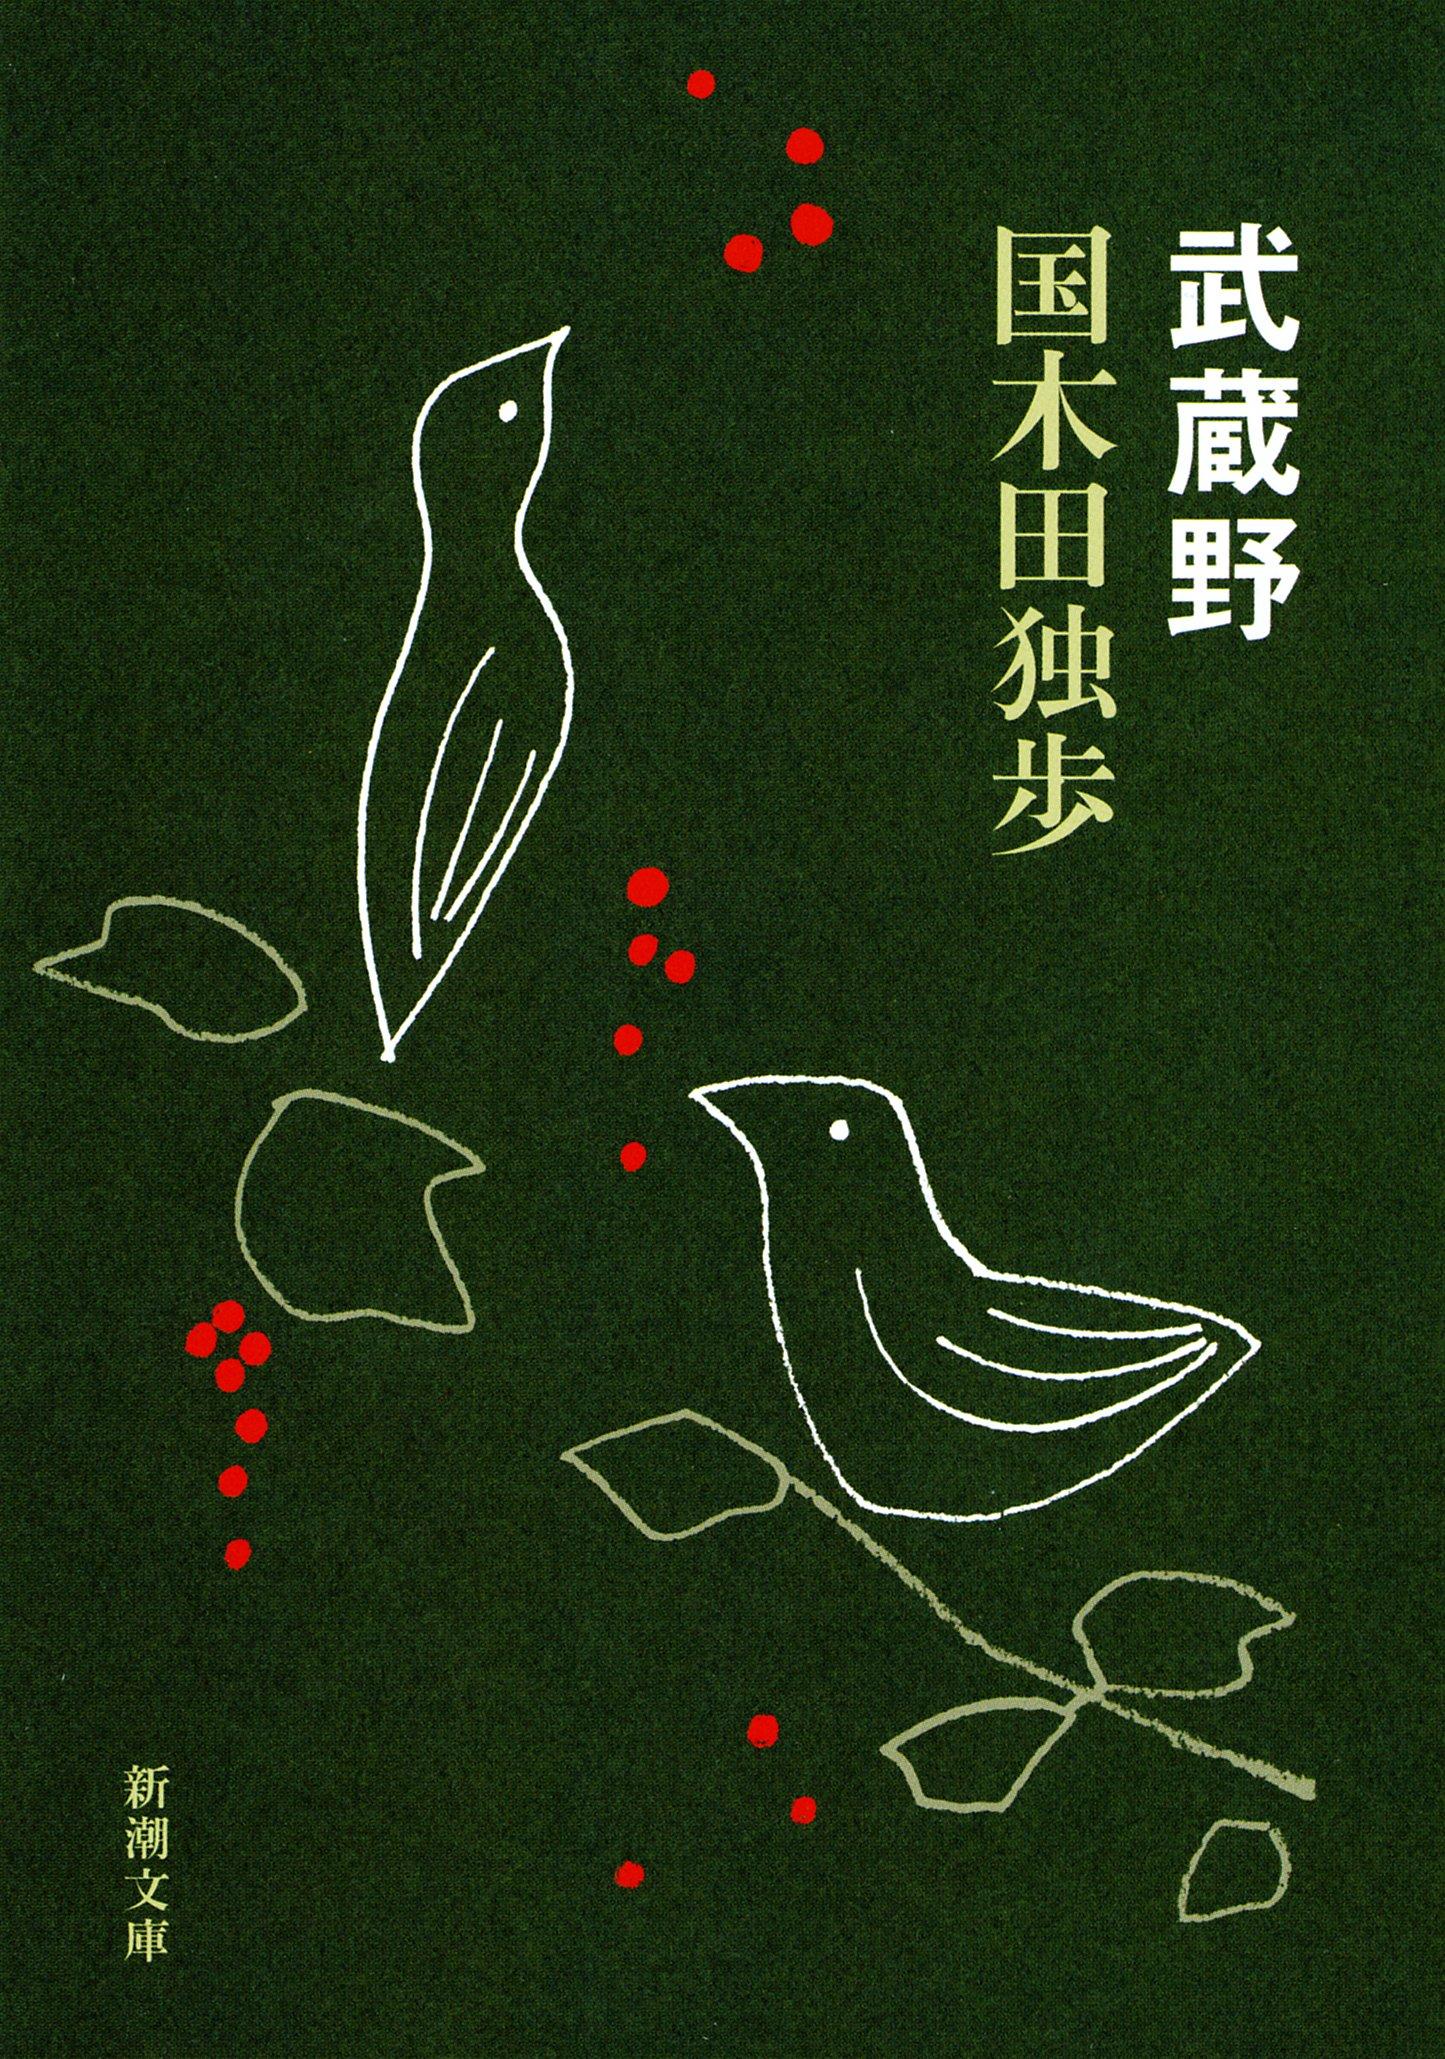 国木田独歩のおすすめ作品5選!芥川龍之介から高く評価された作家